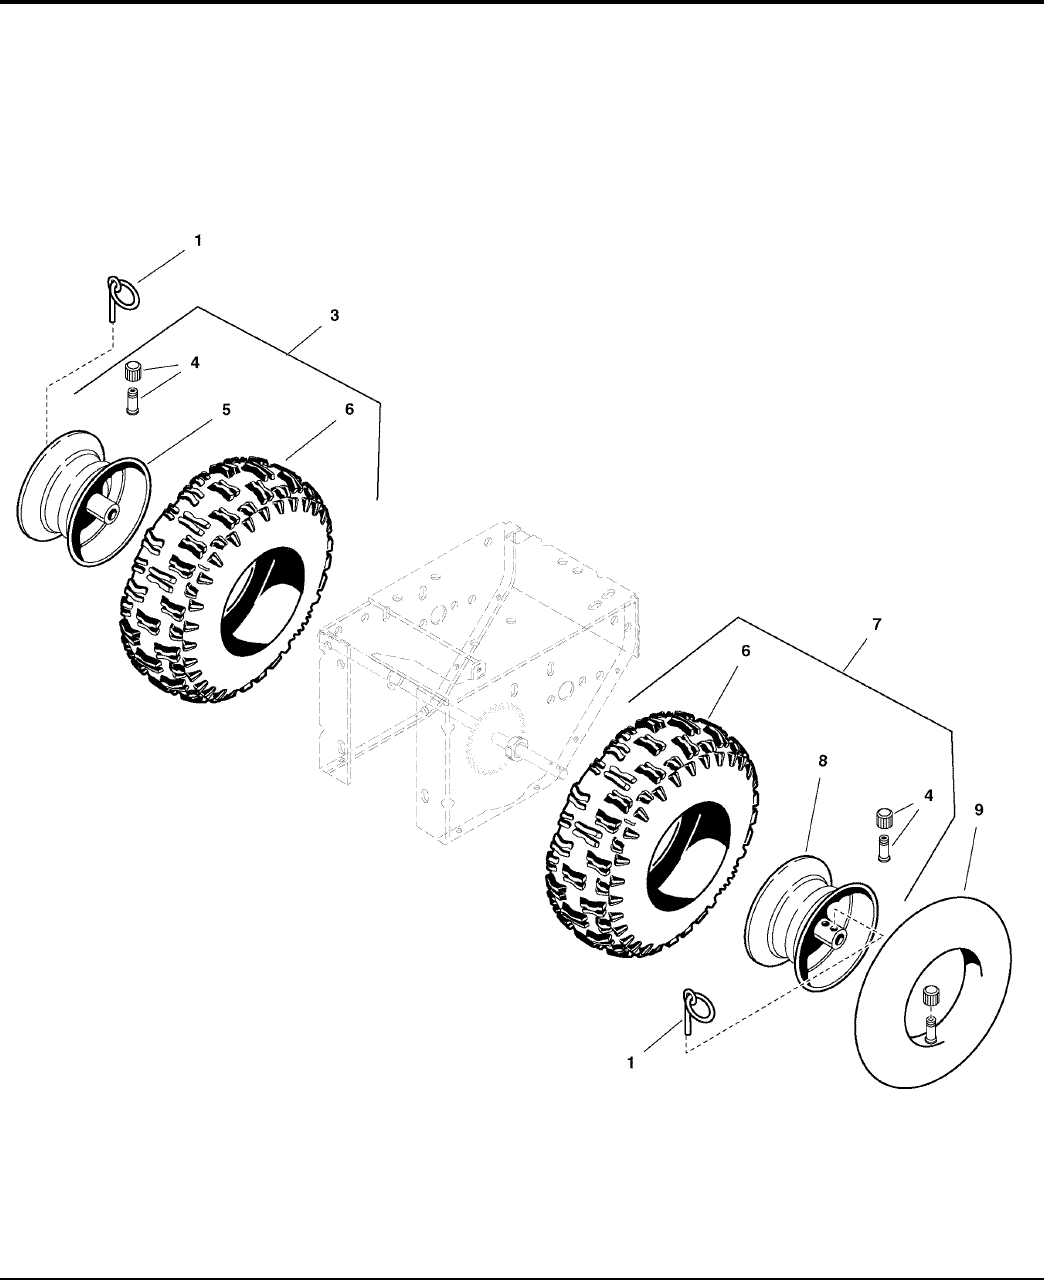 Simplicity 1695303 Parts Manual TP_400_4746_00_LW_S